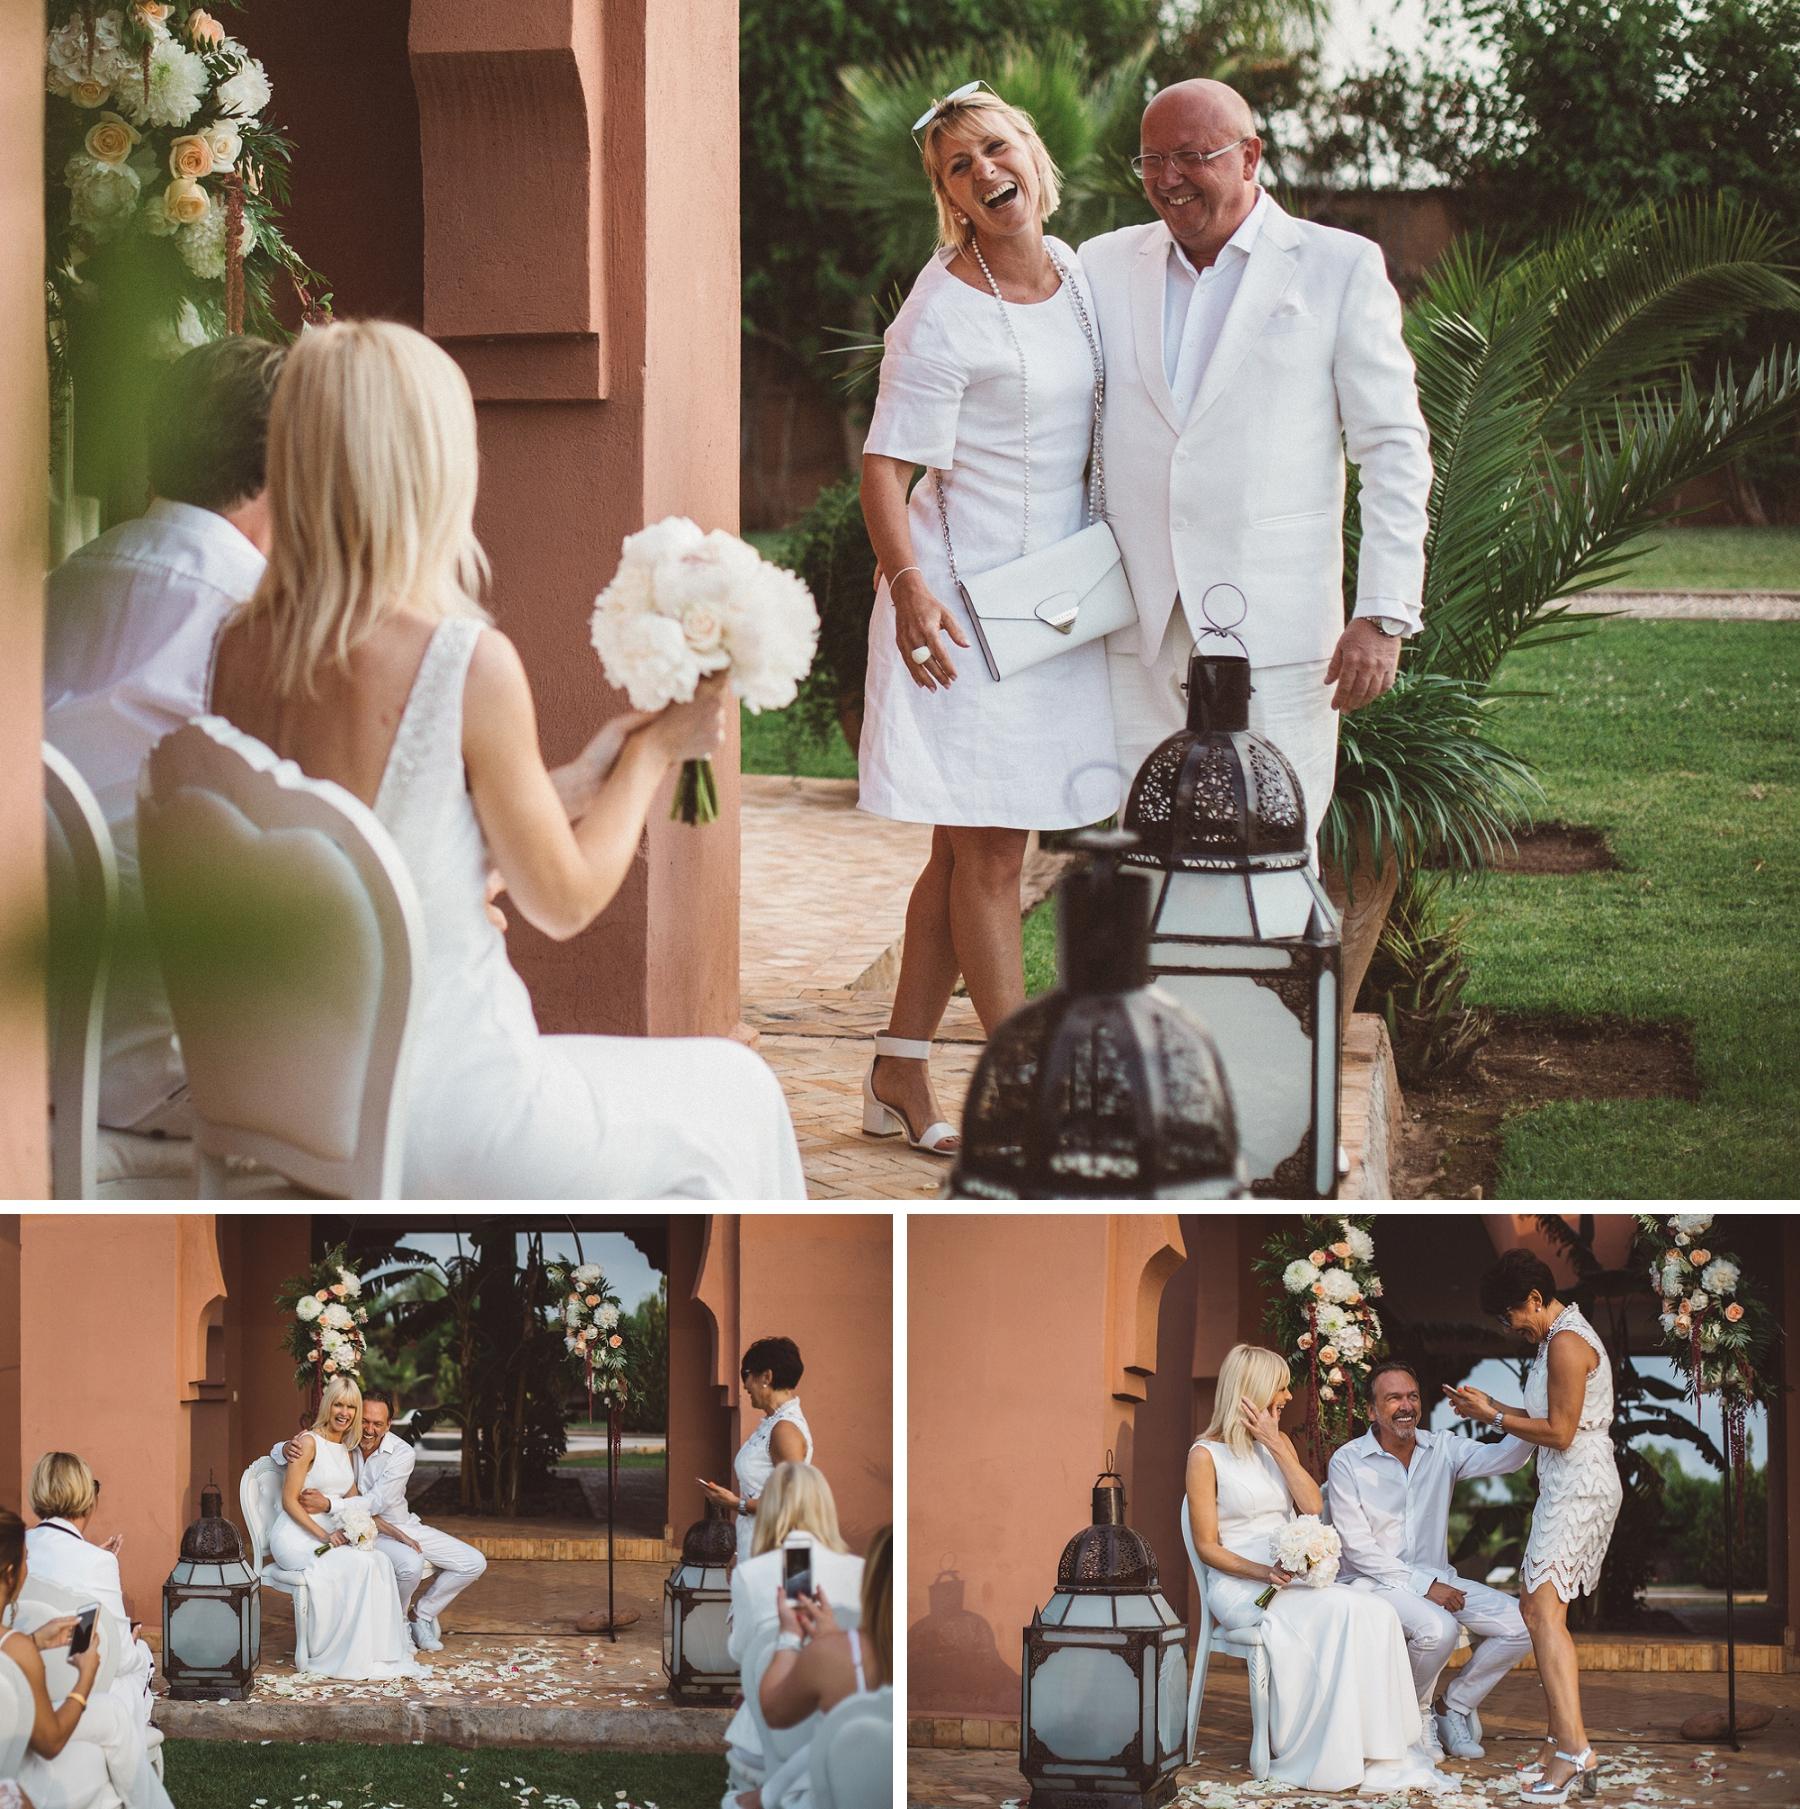 mariage-riad-marrakech-27.jpg